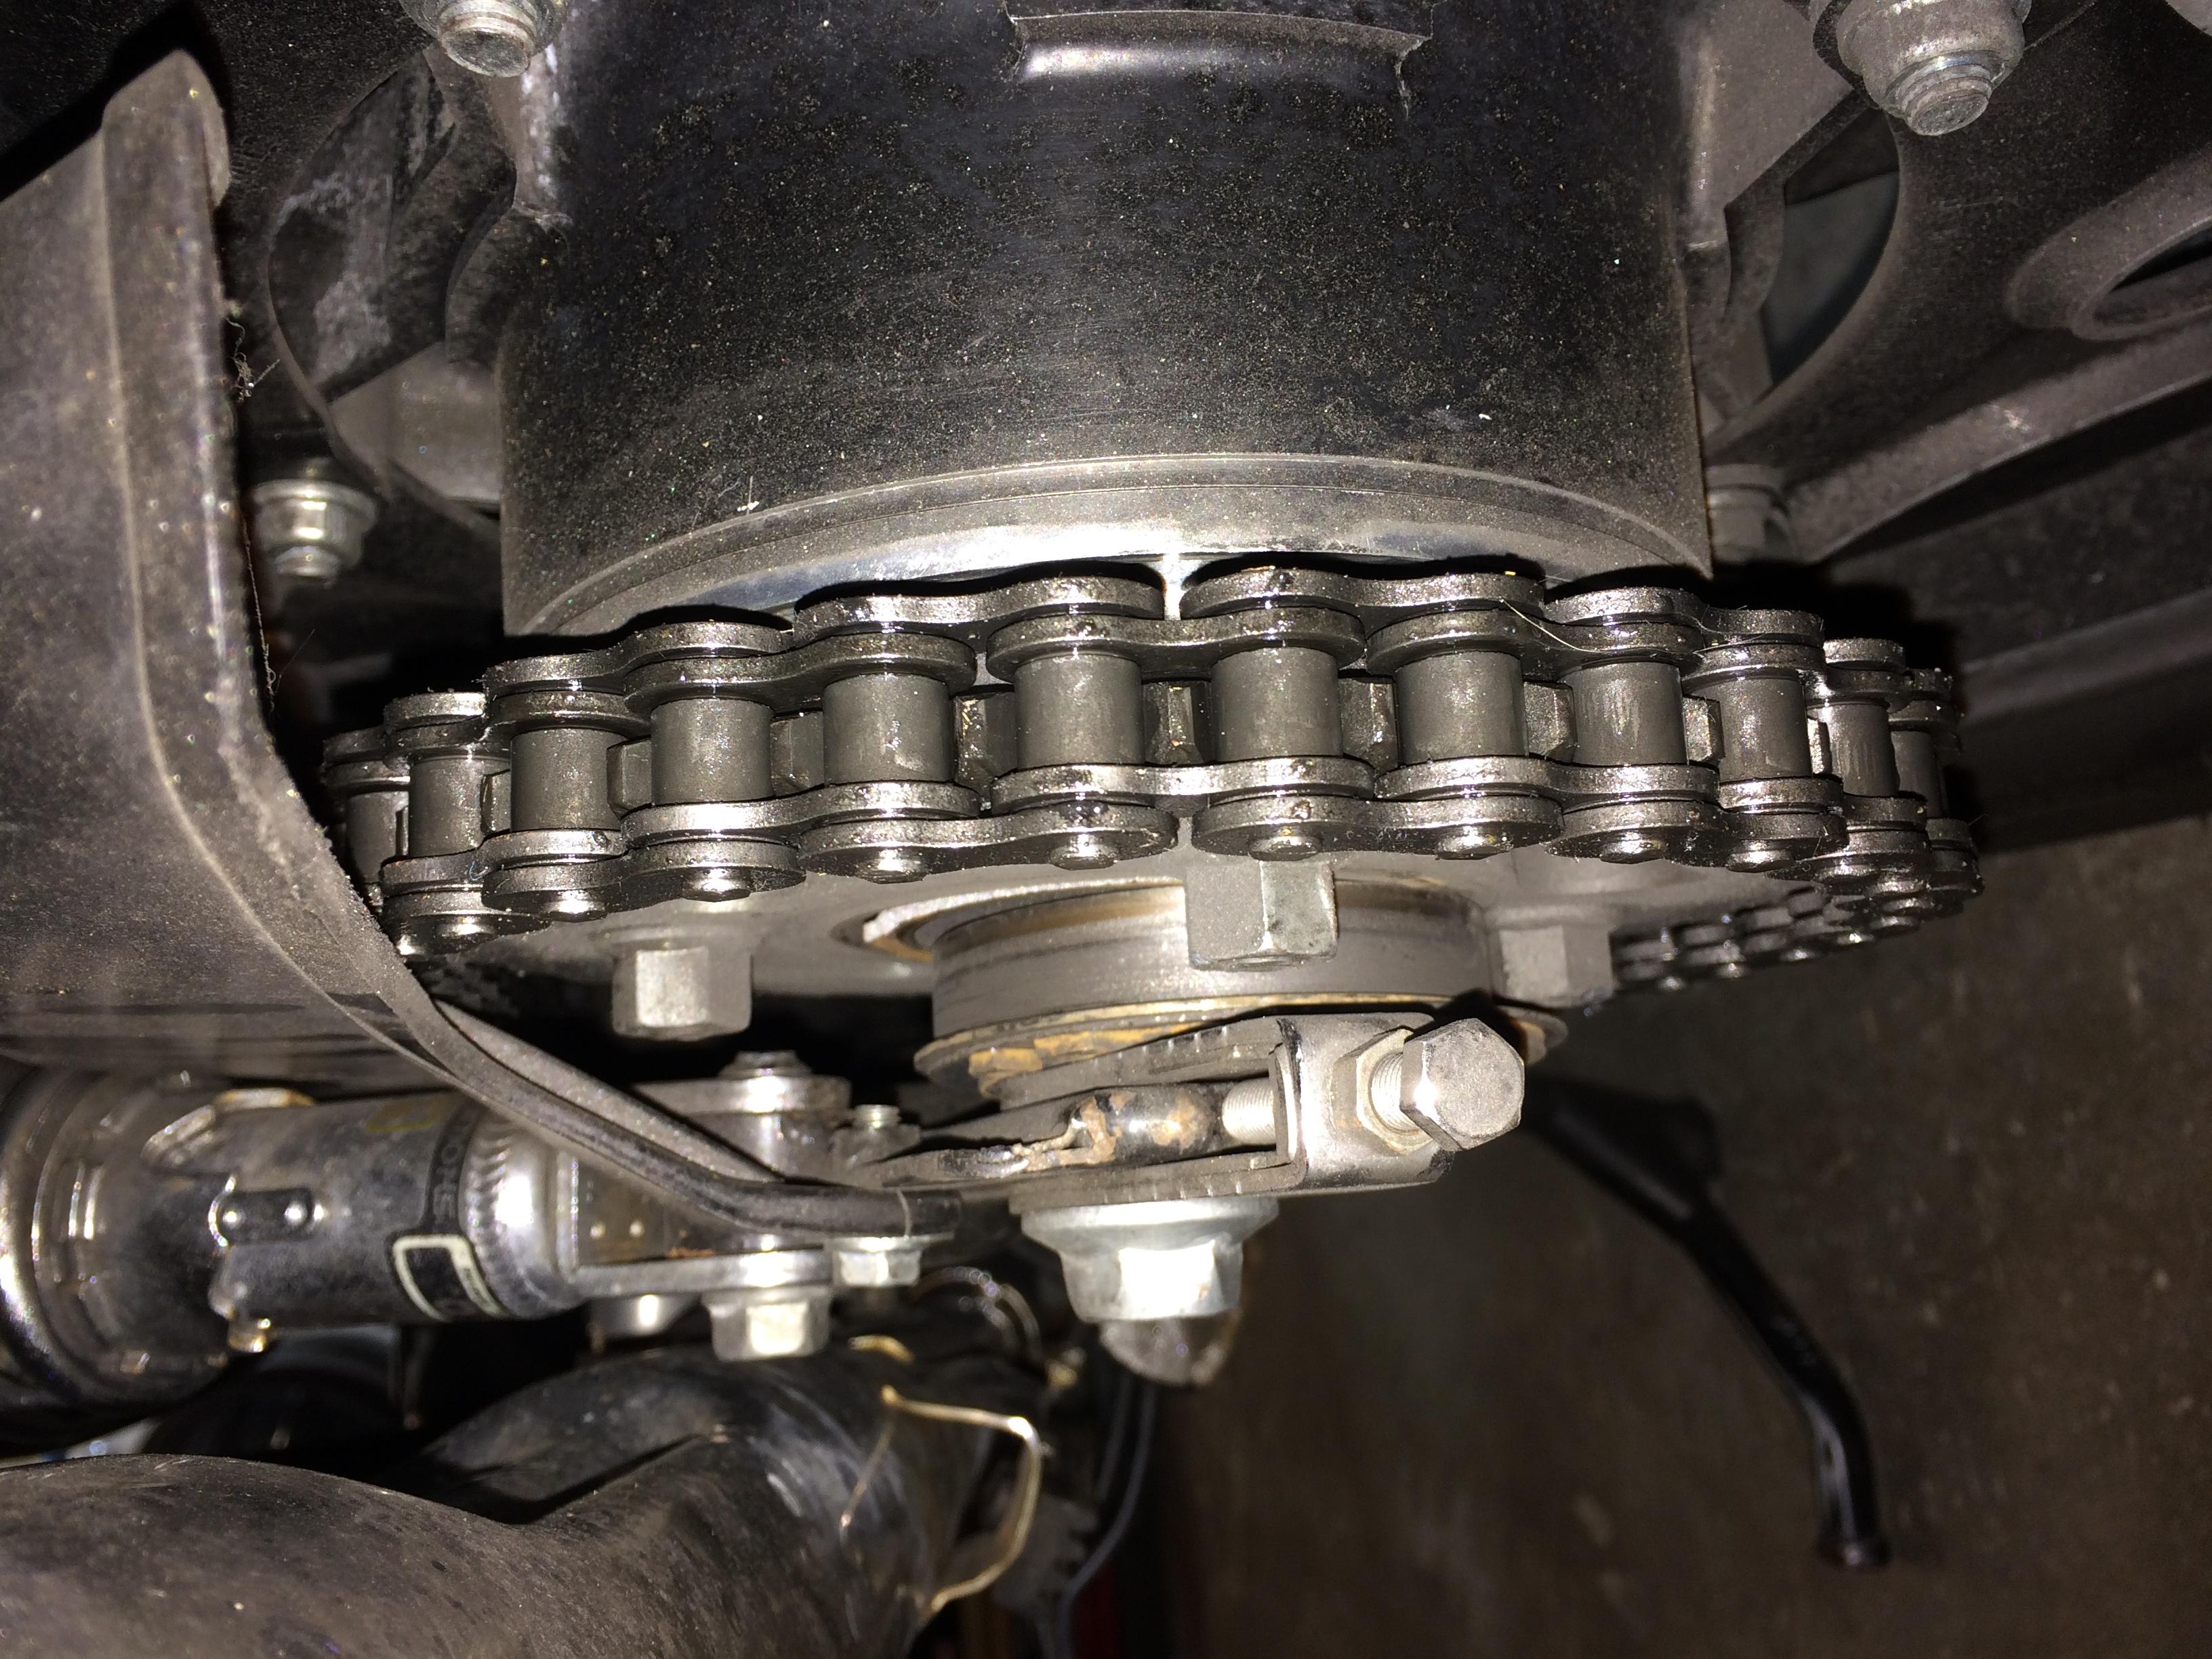 1982 CB450T Broken Wheel-20151101_063105054_ios.jpg